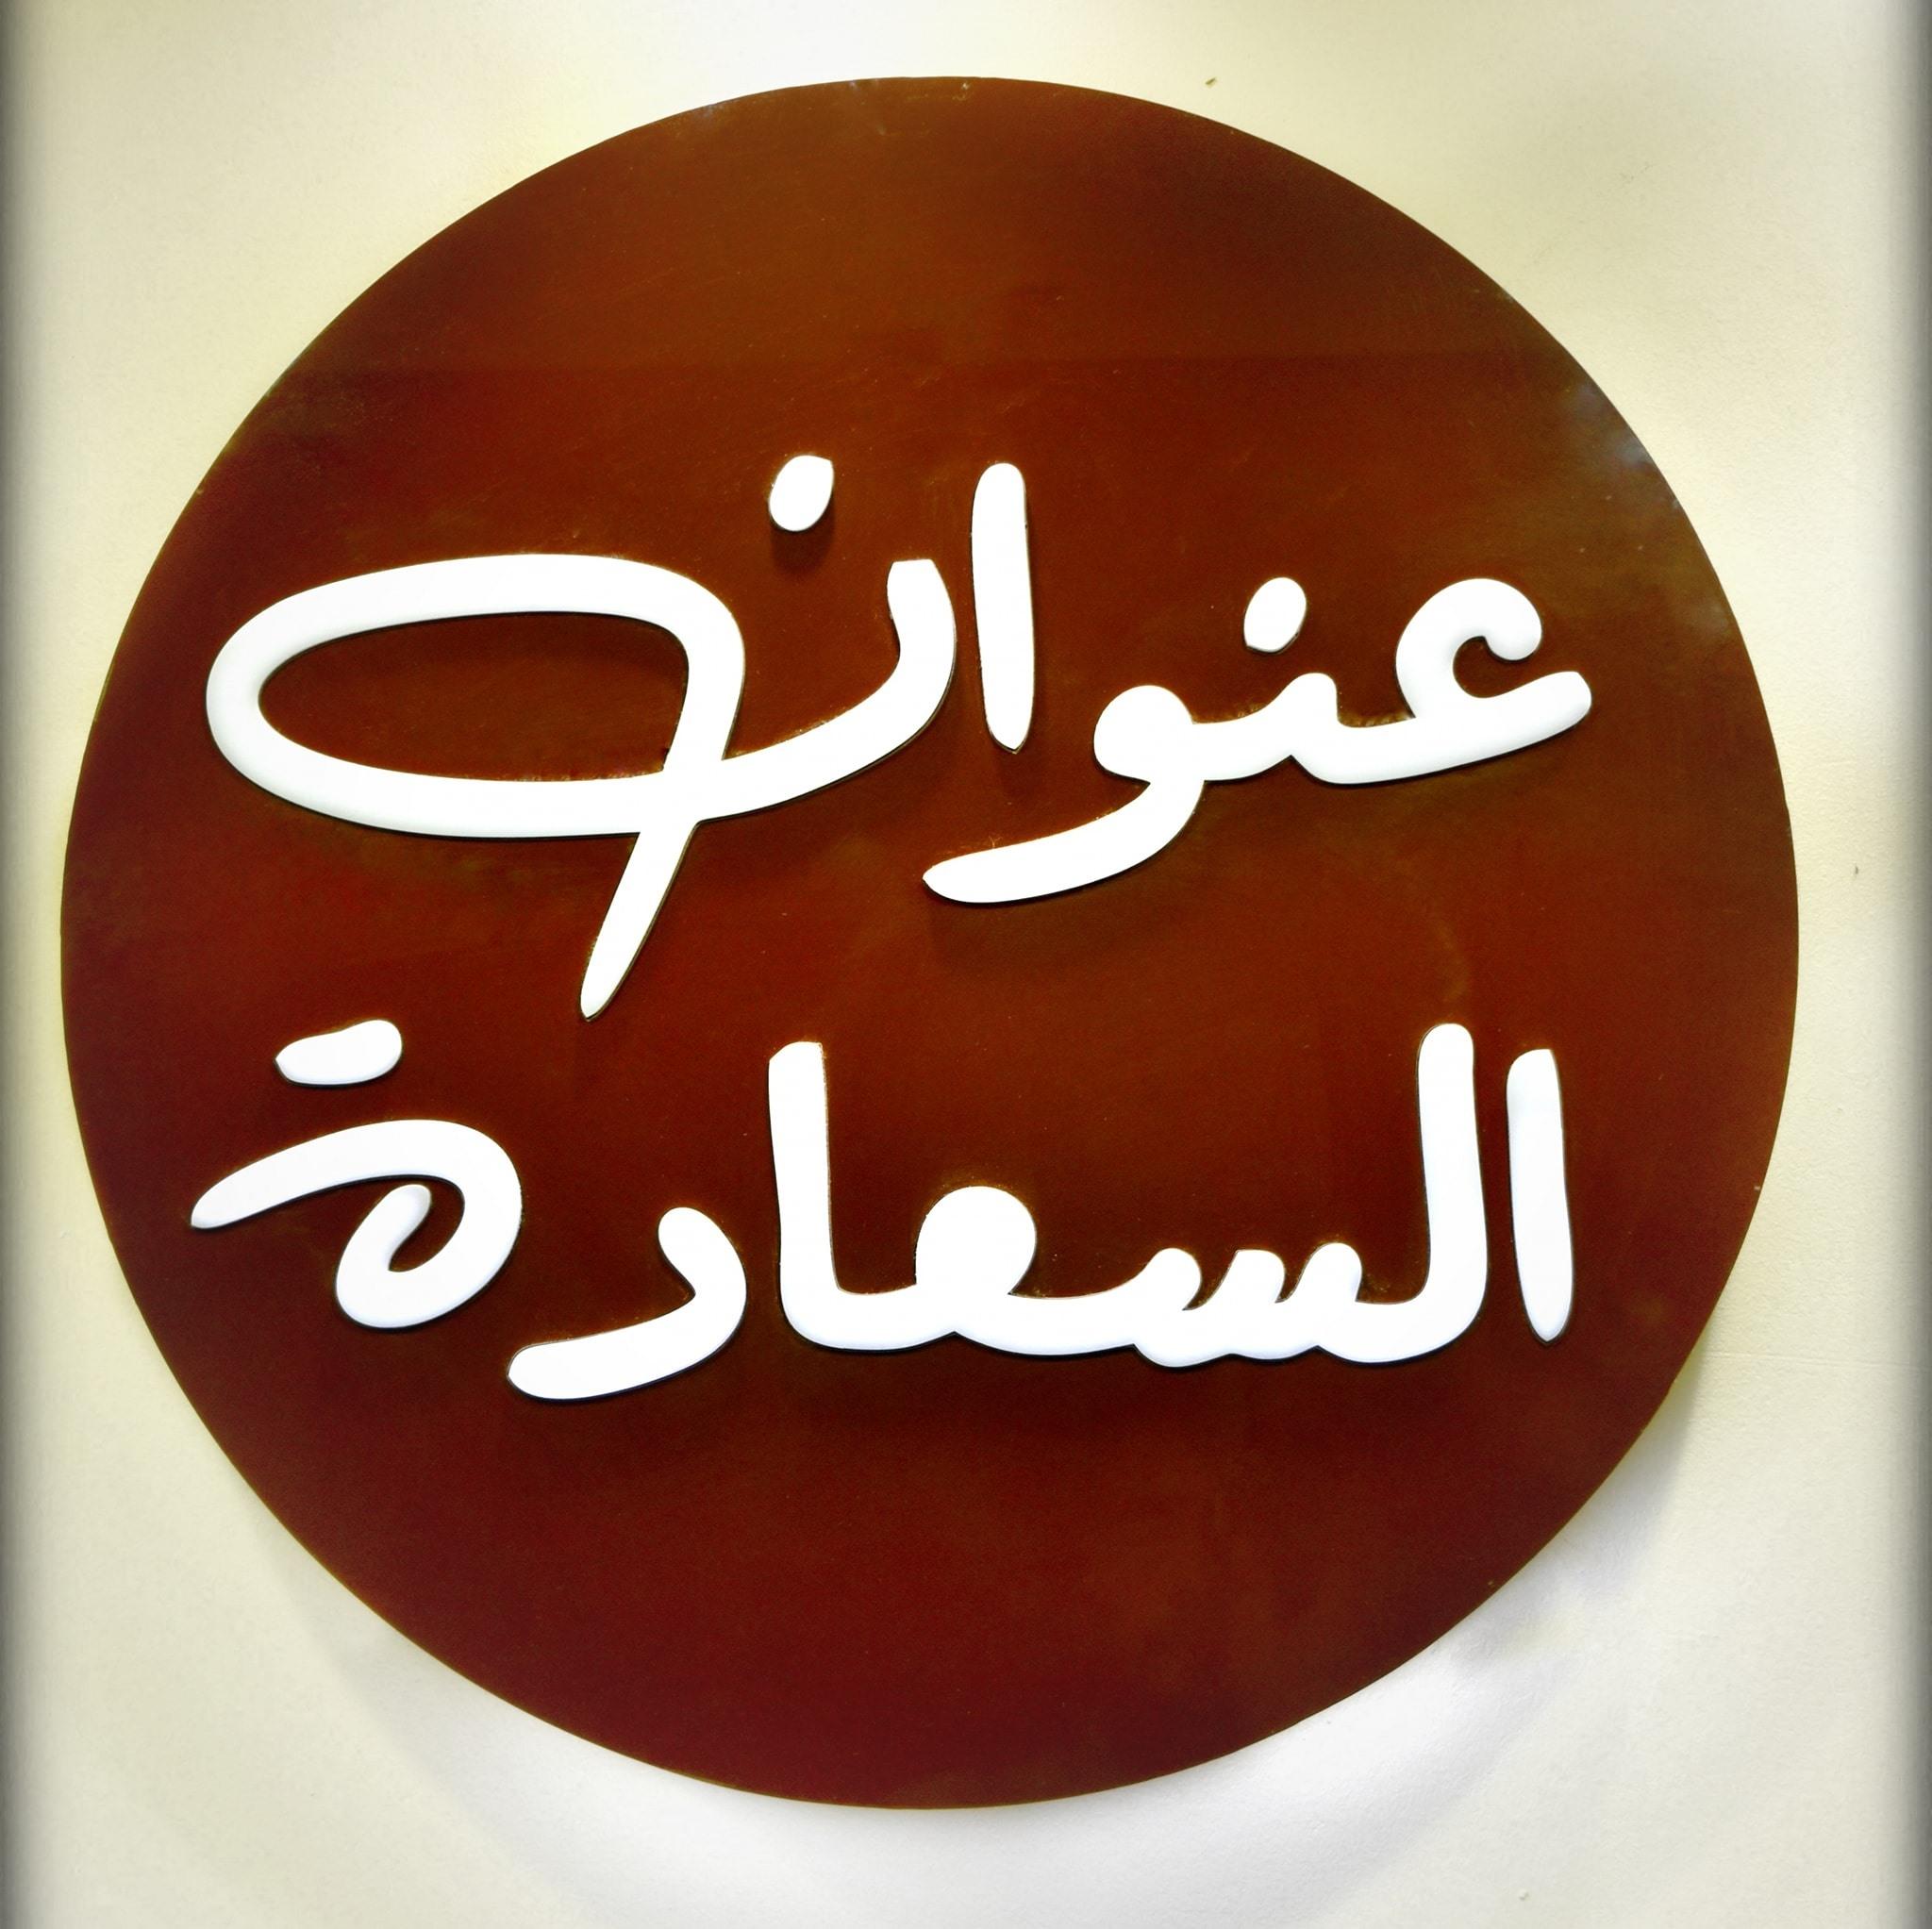 أماكن بيع الشوكولاتة المستوردة بالجملة في مصر